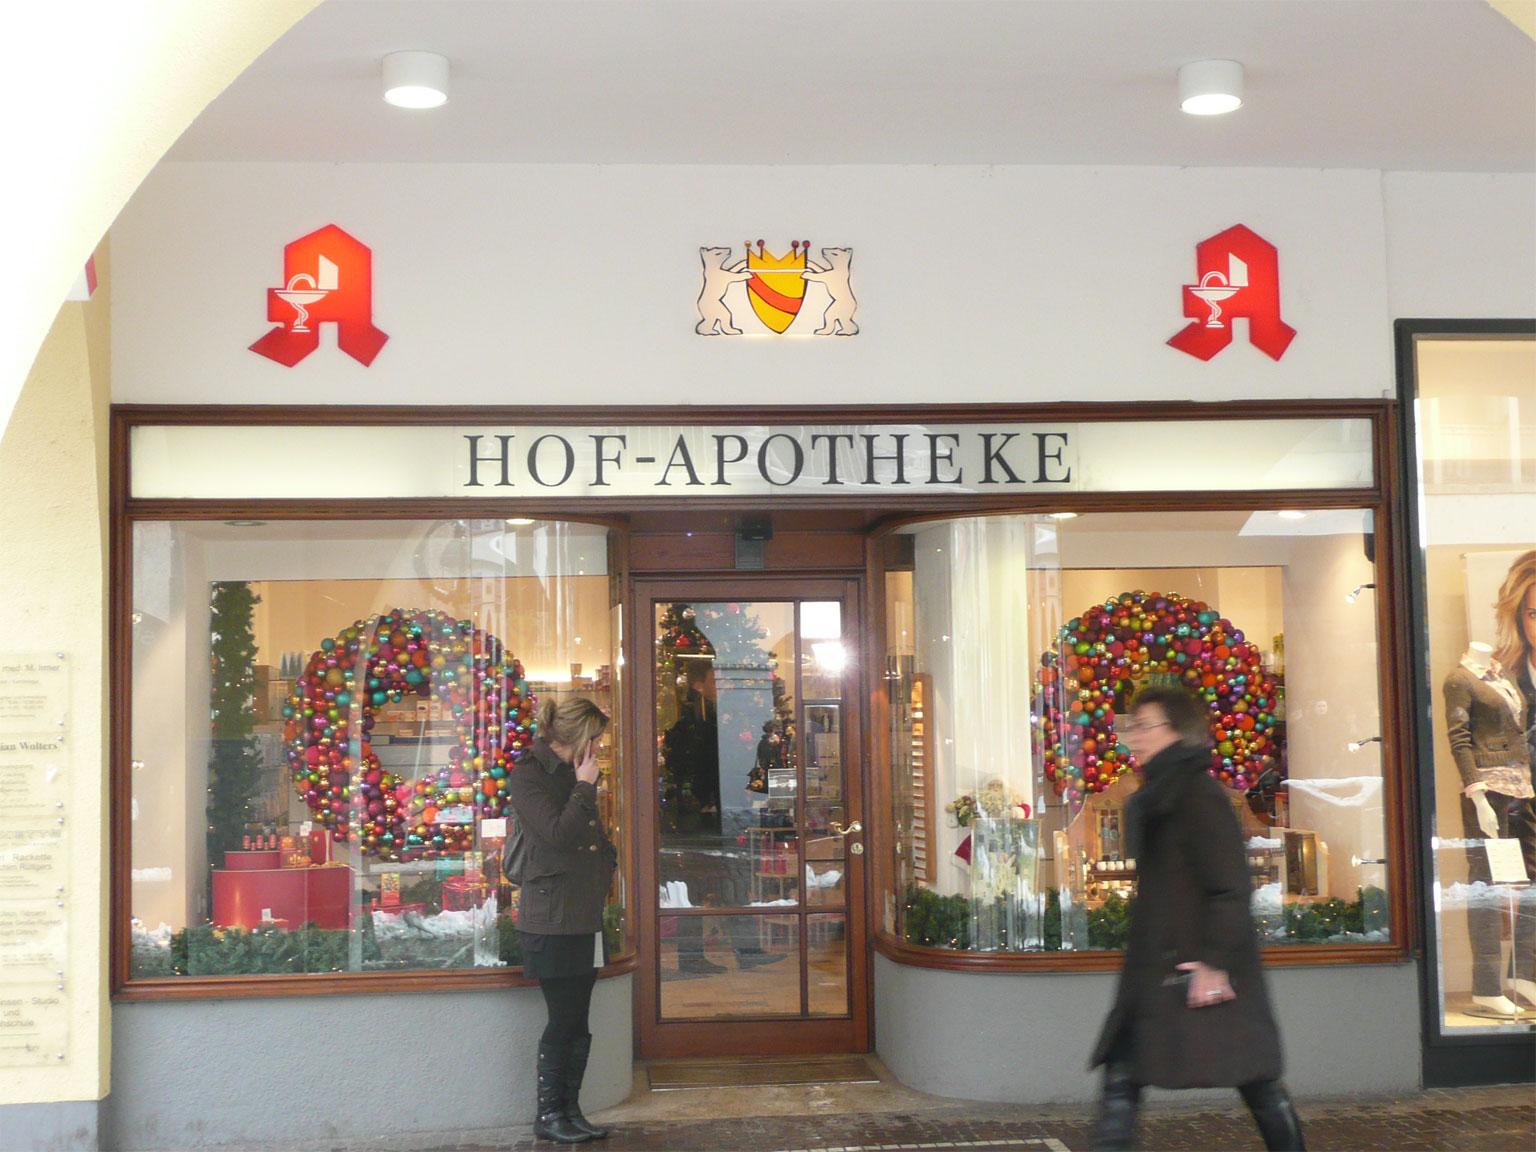 Apotheken in aller welt 72 freiburg im breisgau Weihnachtsdeko schaufenster apotheke